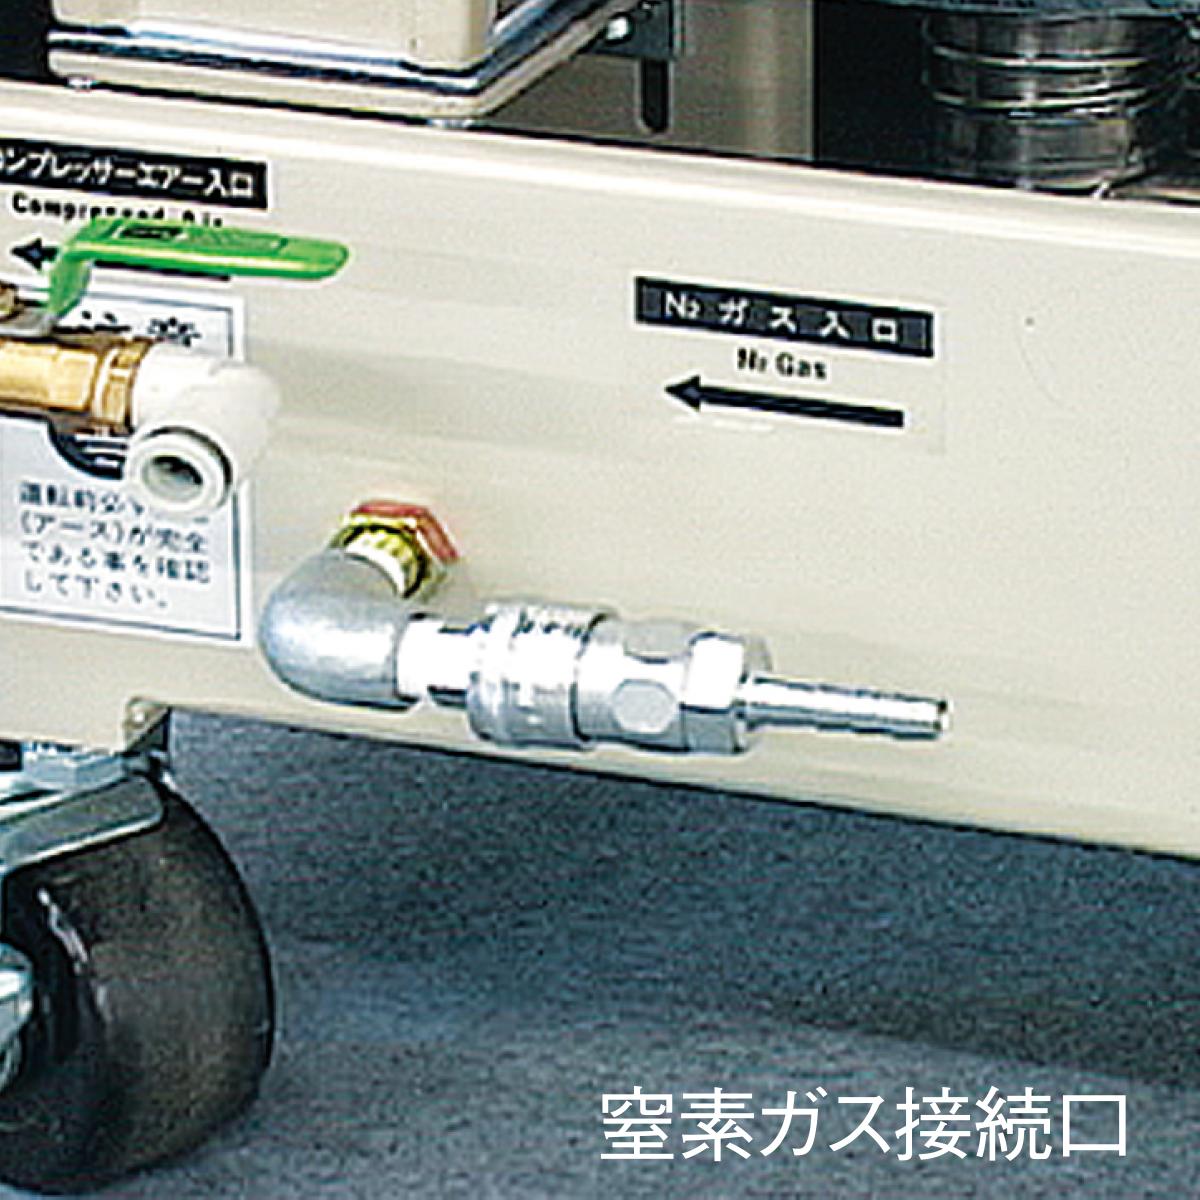 窒素ガス接続口